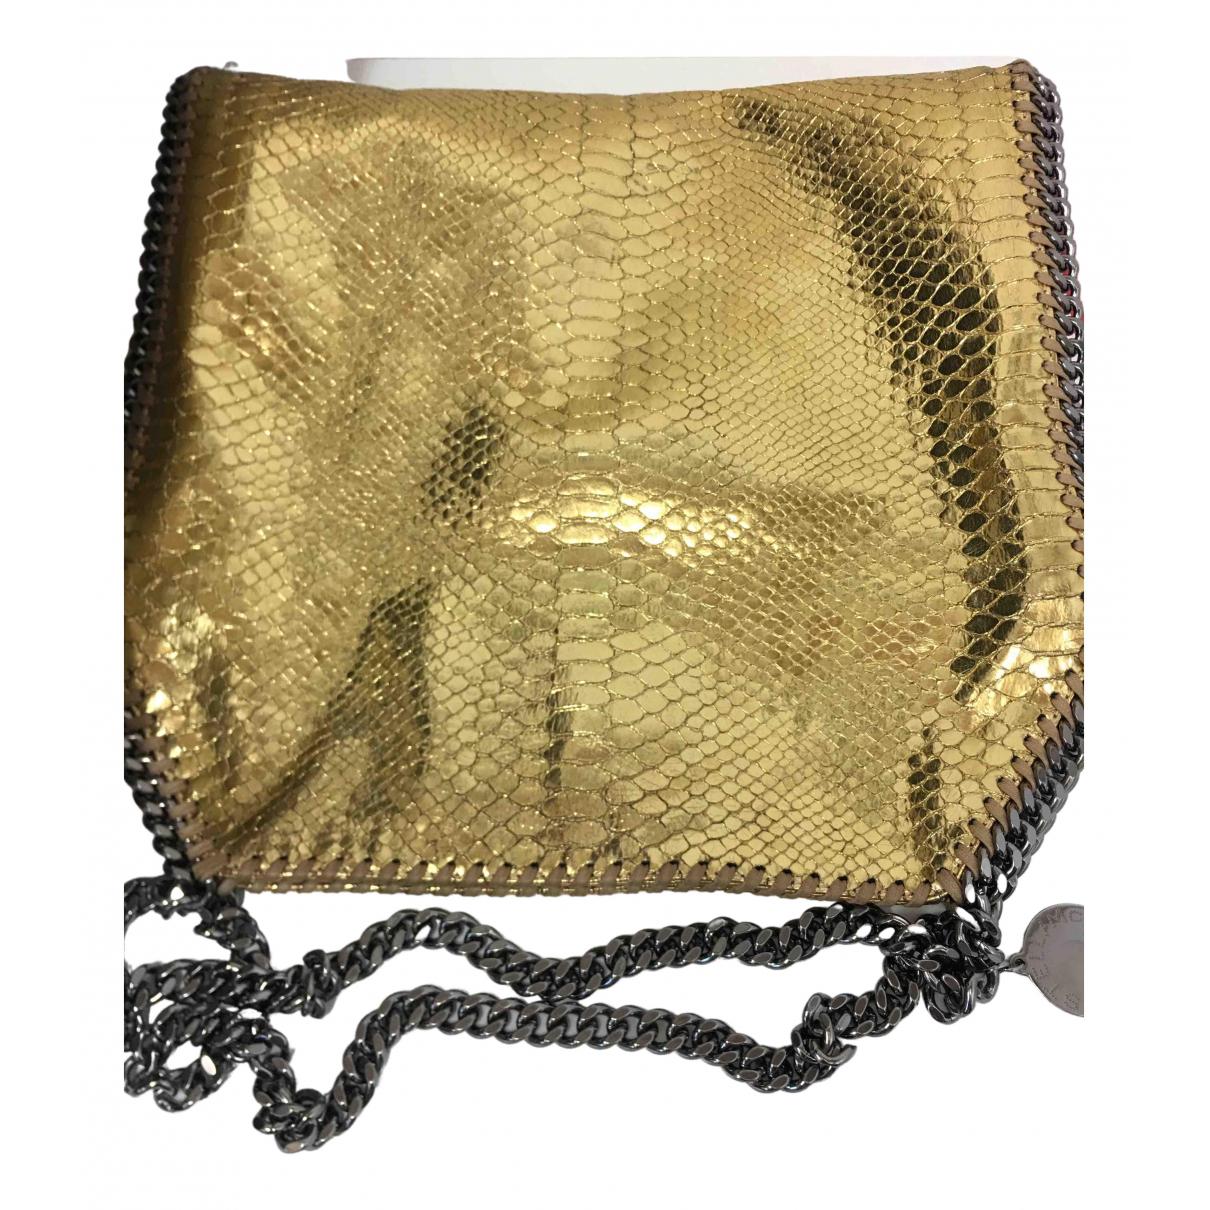 Stella Mccartney Falabella Gold Cloth handbag for Women \N